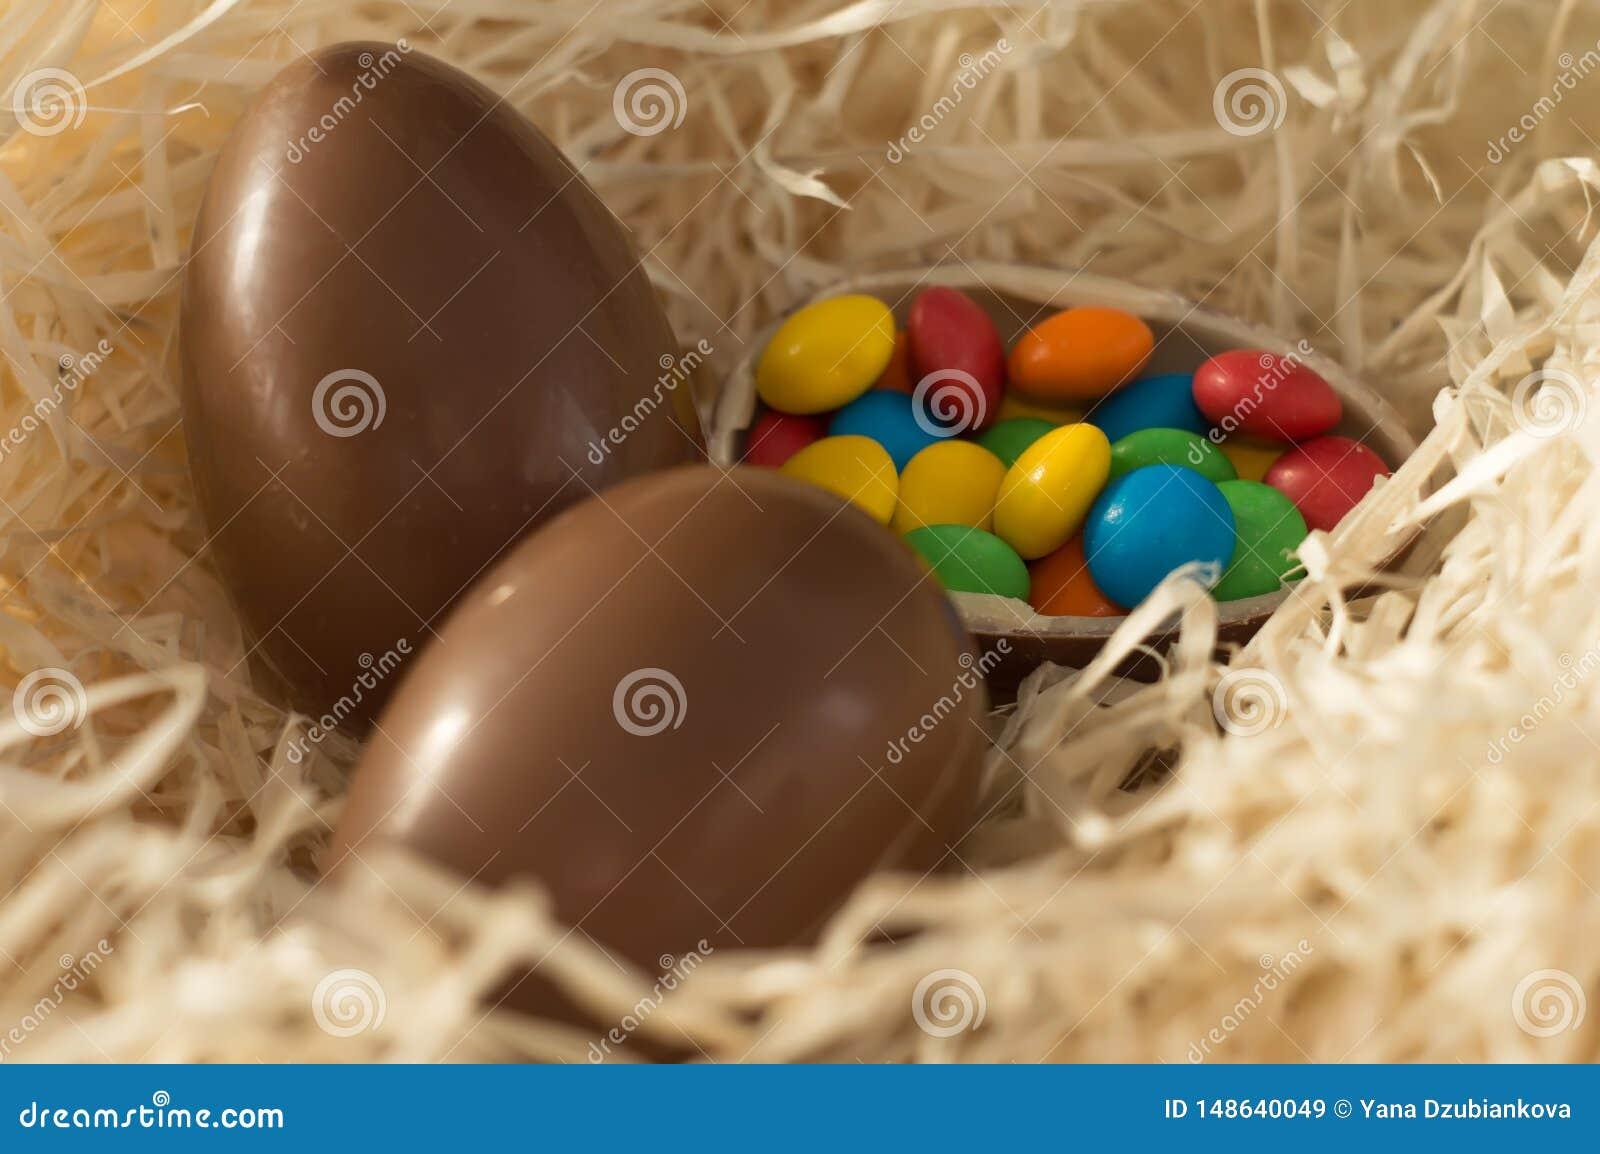 P?ques Les oeufs de chocolat avec les sucreries multicolores se situent dans un nid sur une table blanche en bois